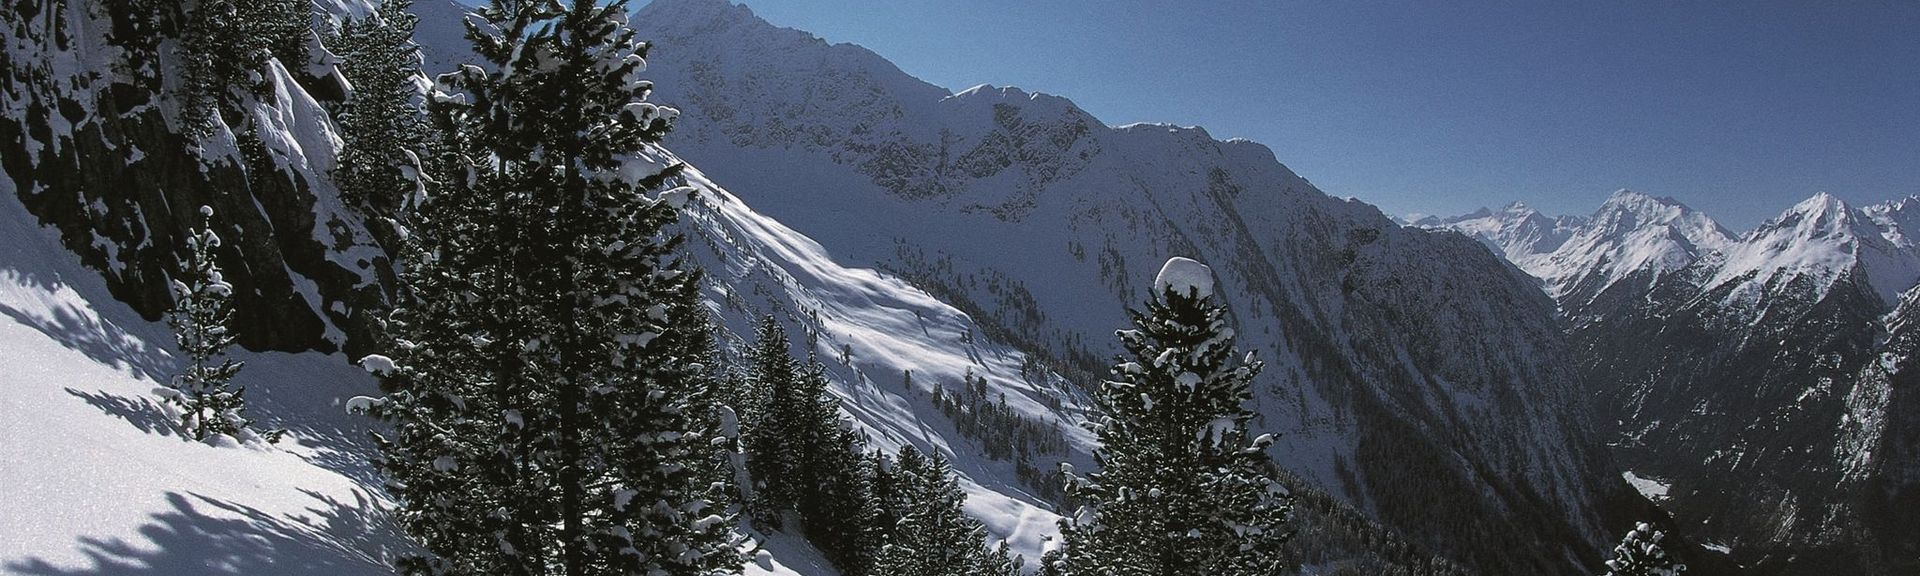 Vale do Albach, Alpbach, Tyrol, Áustria